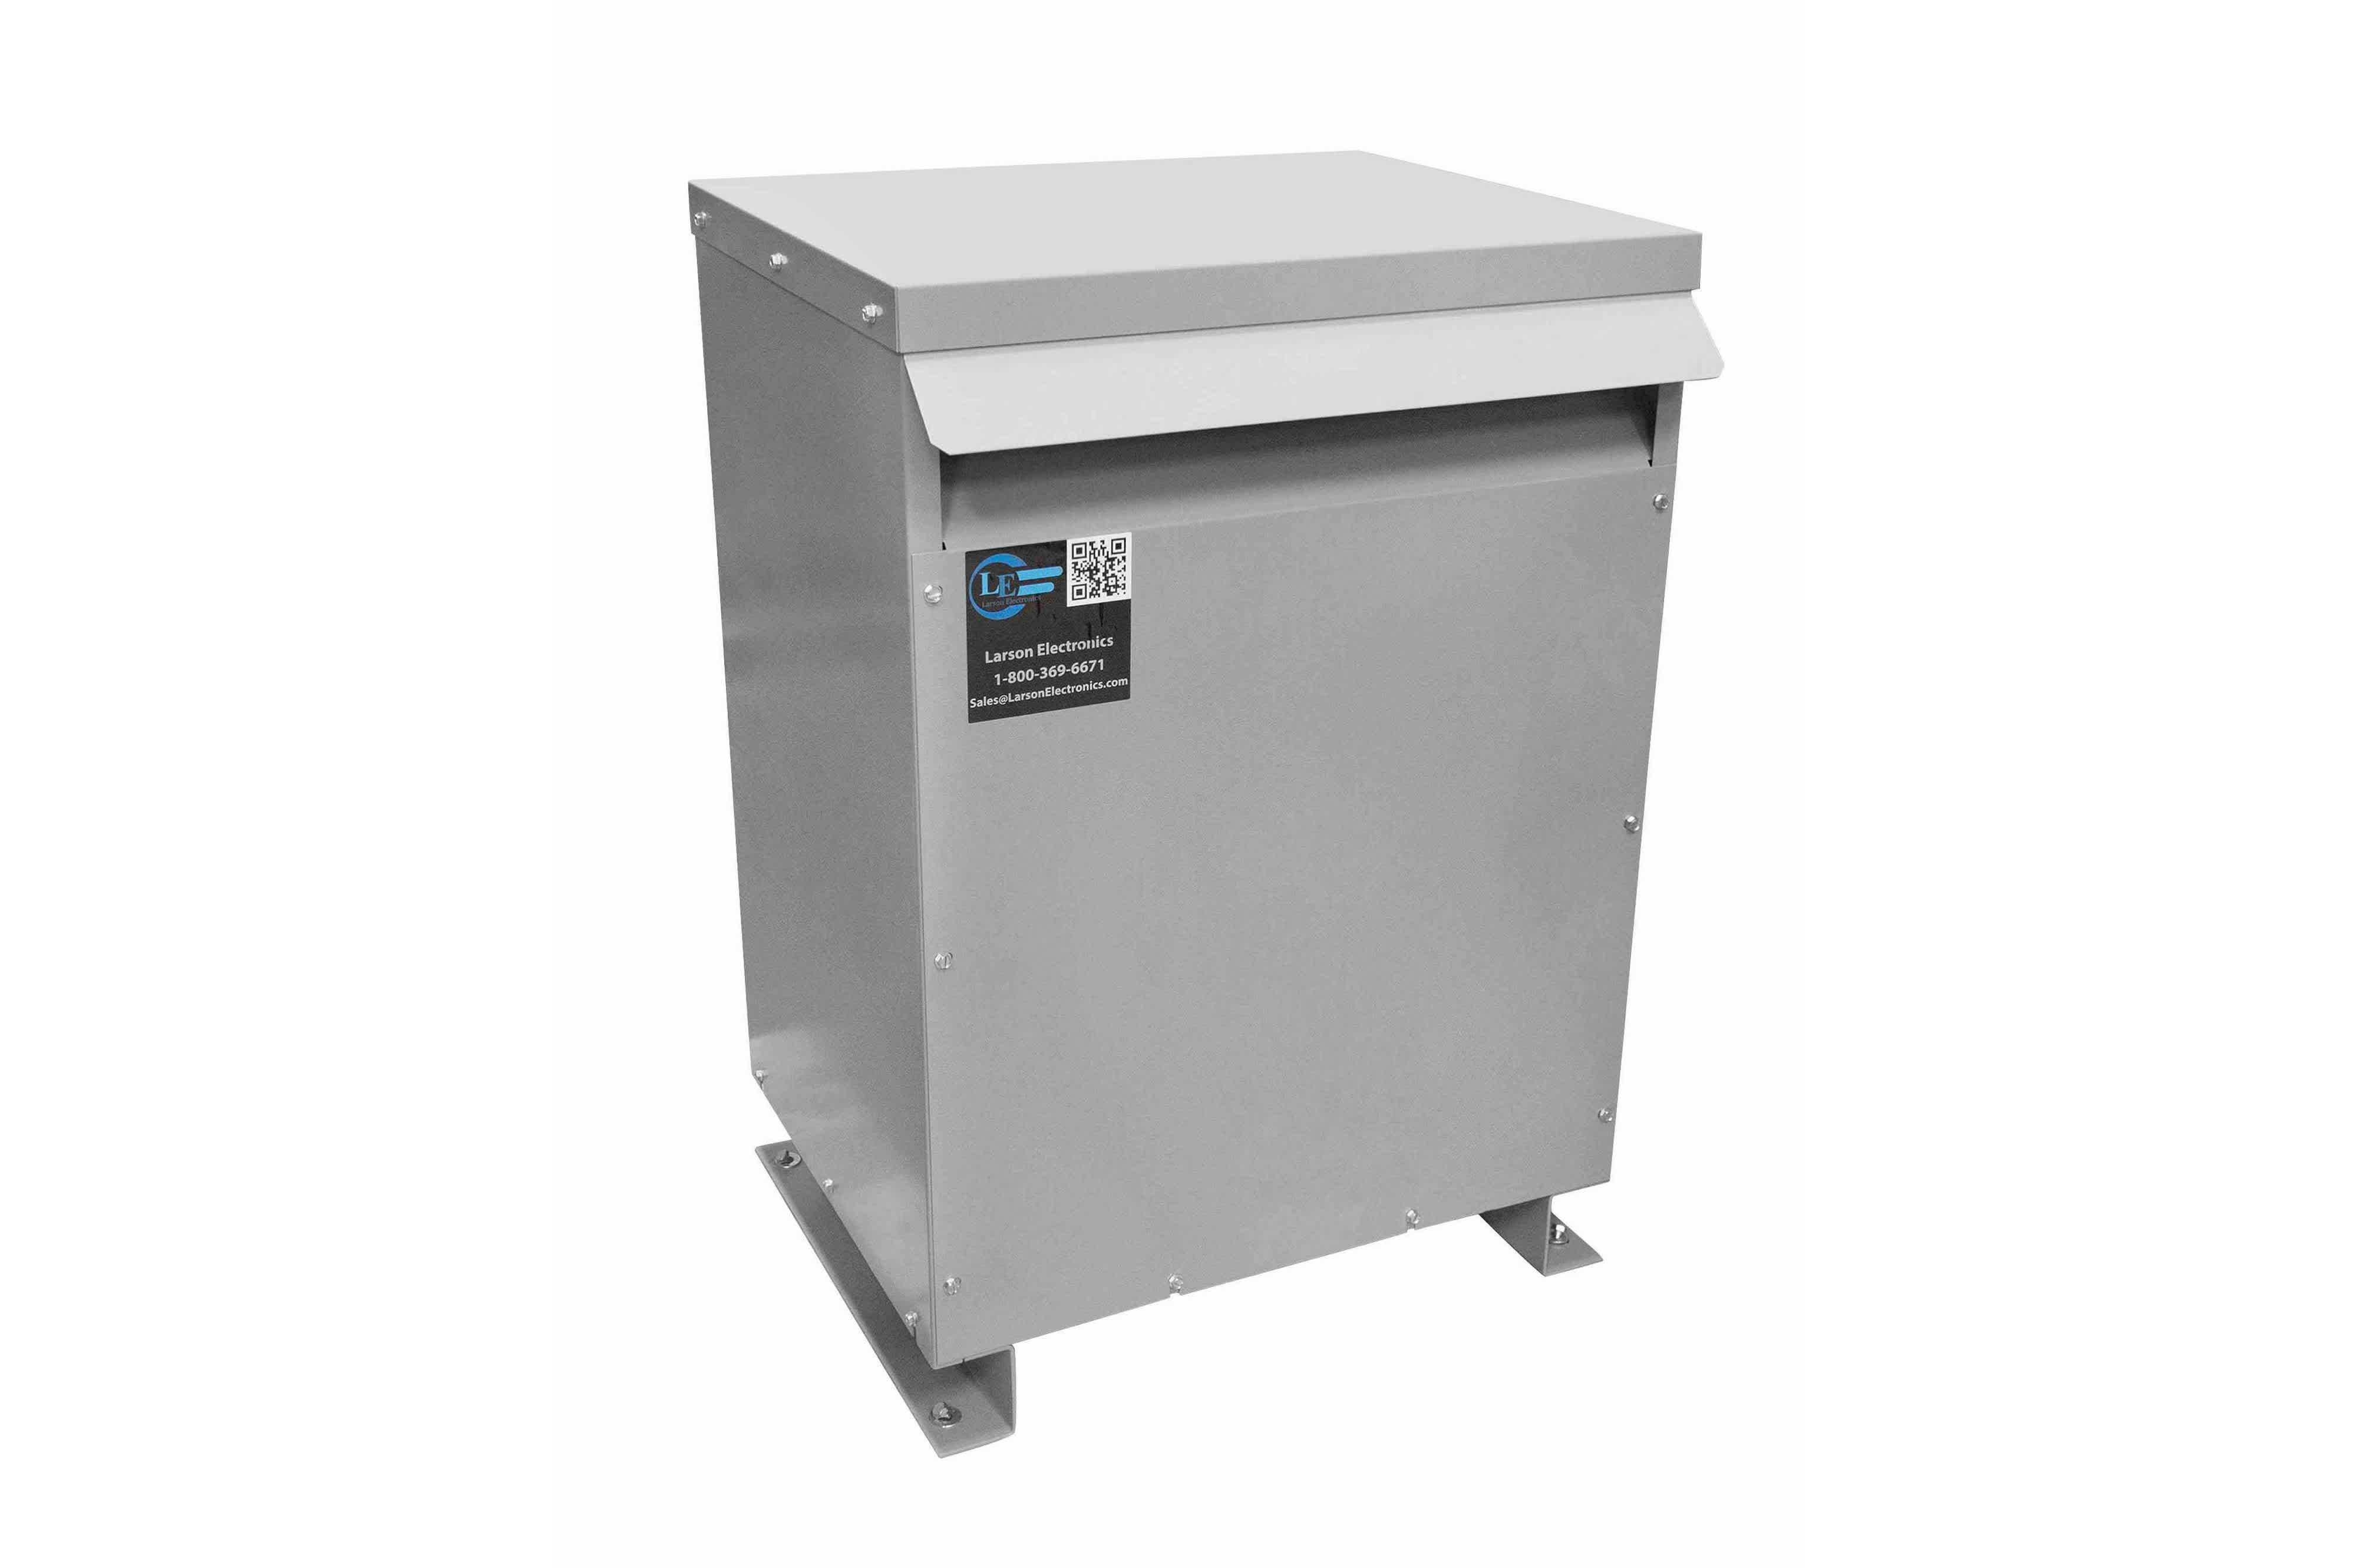 90 kVA 3PH Isolation Transformer, 208V Delta Primary, 480V Delta Secondary, N3R, Ventilated, 60 Hz